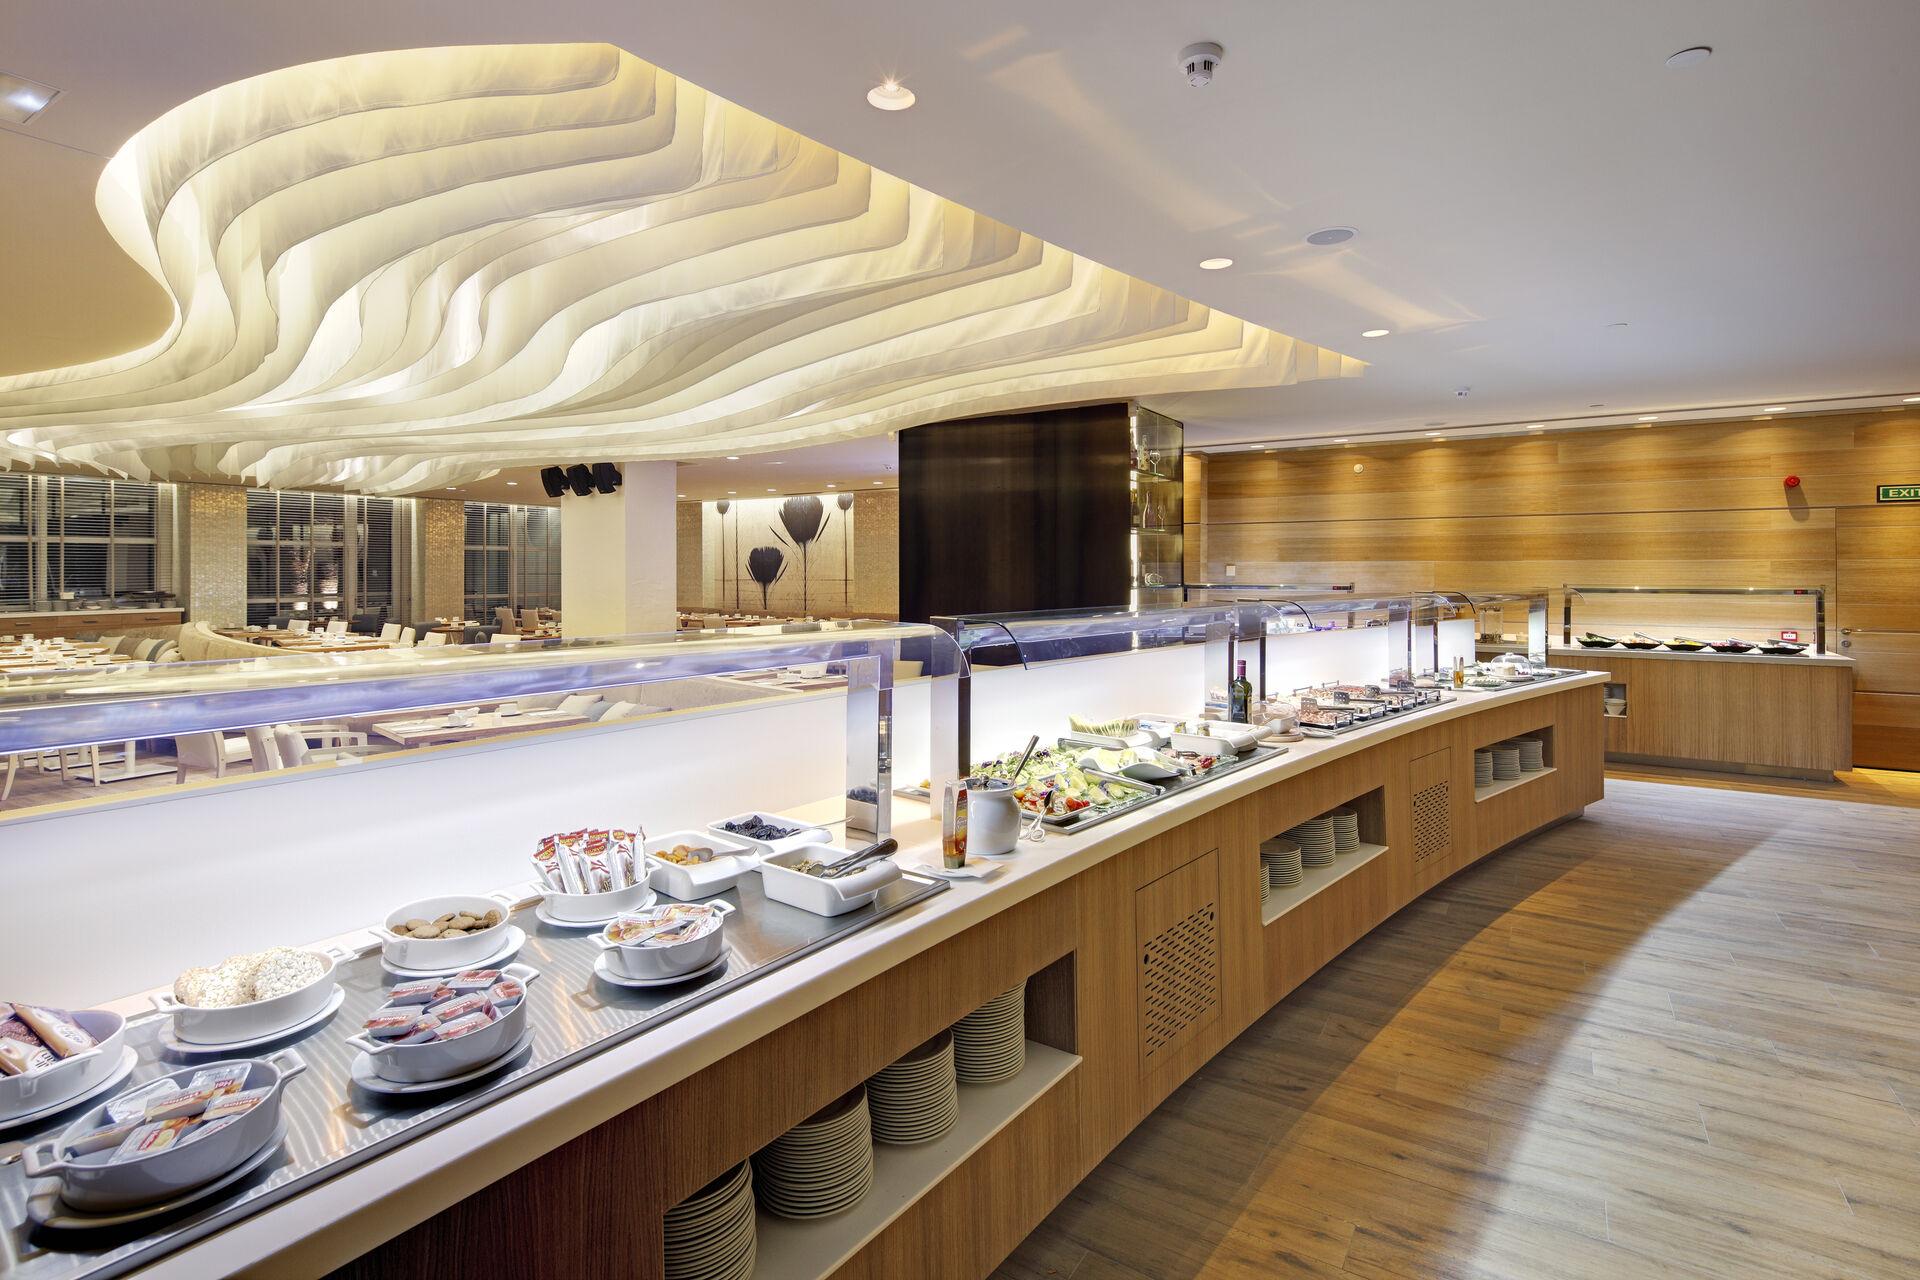 https://cms.satur.sk/data/imgs/tour_image/orig/amare-marbella-restaurante-mare-nostrum-3-1972157.jpg